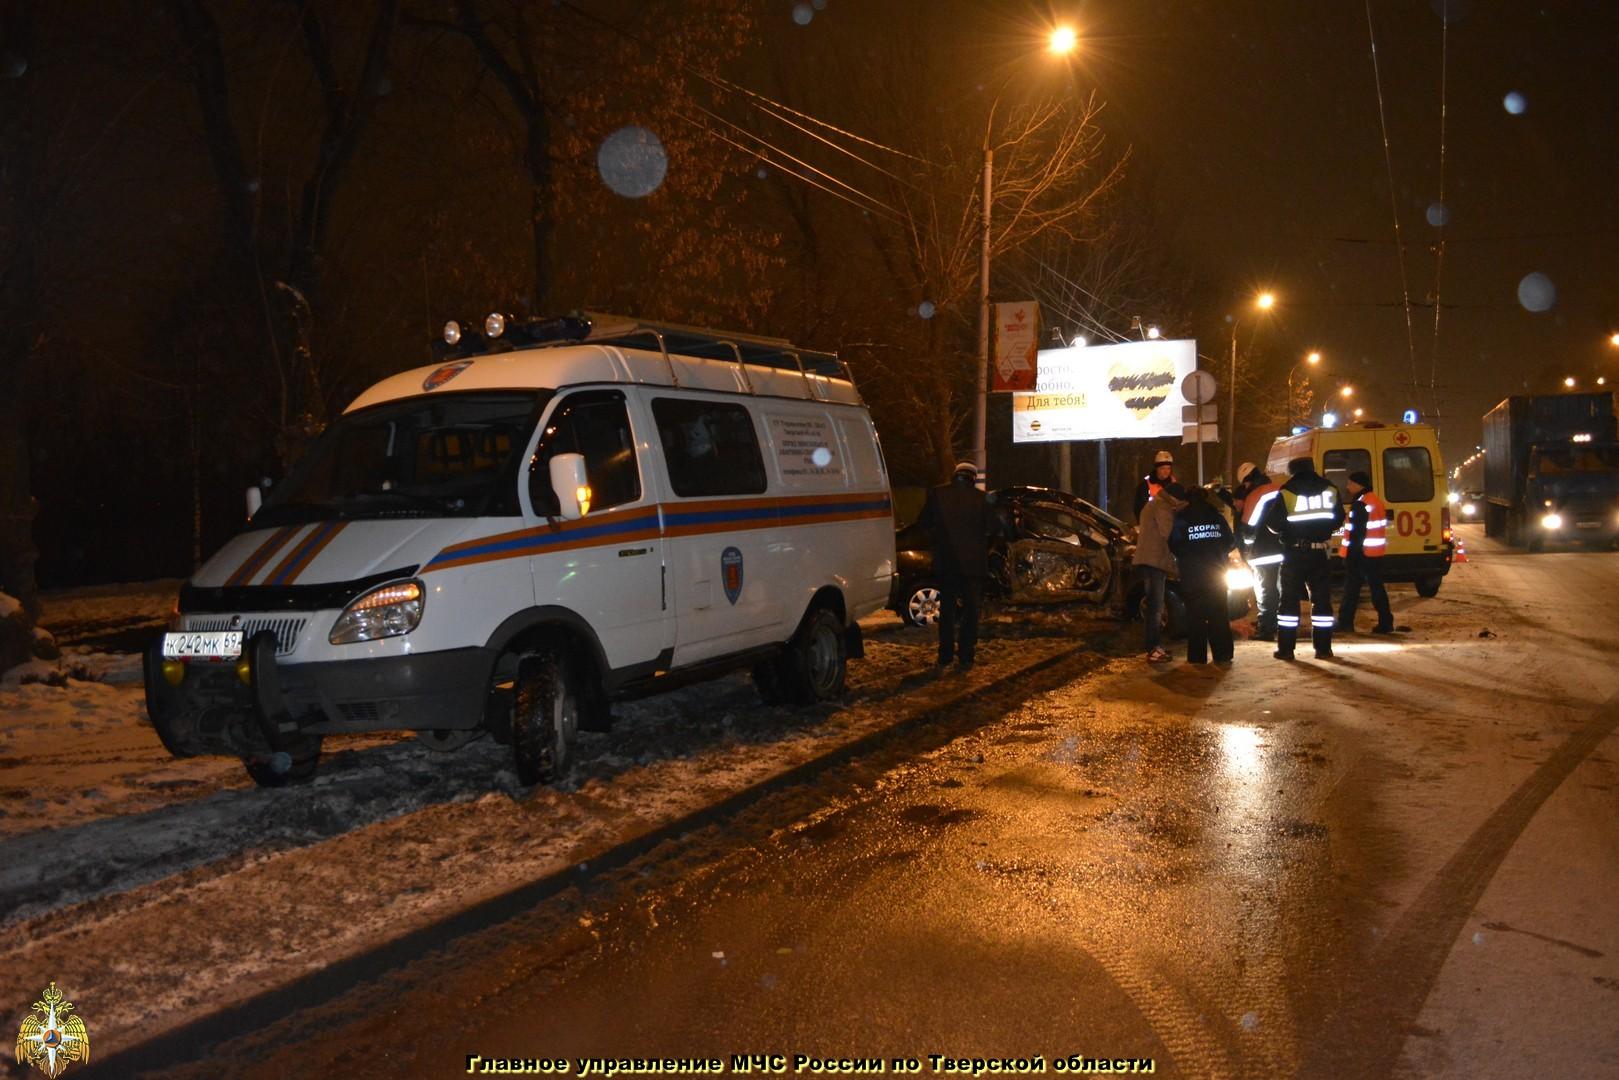 Столкновение автобуса с экскаватором в Твери и другие происшествия за неделю